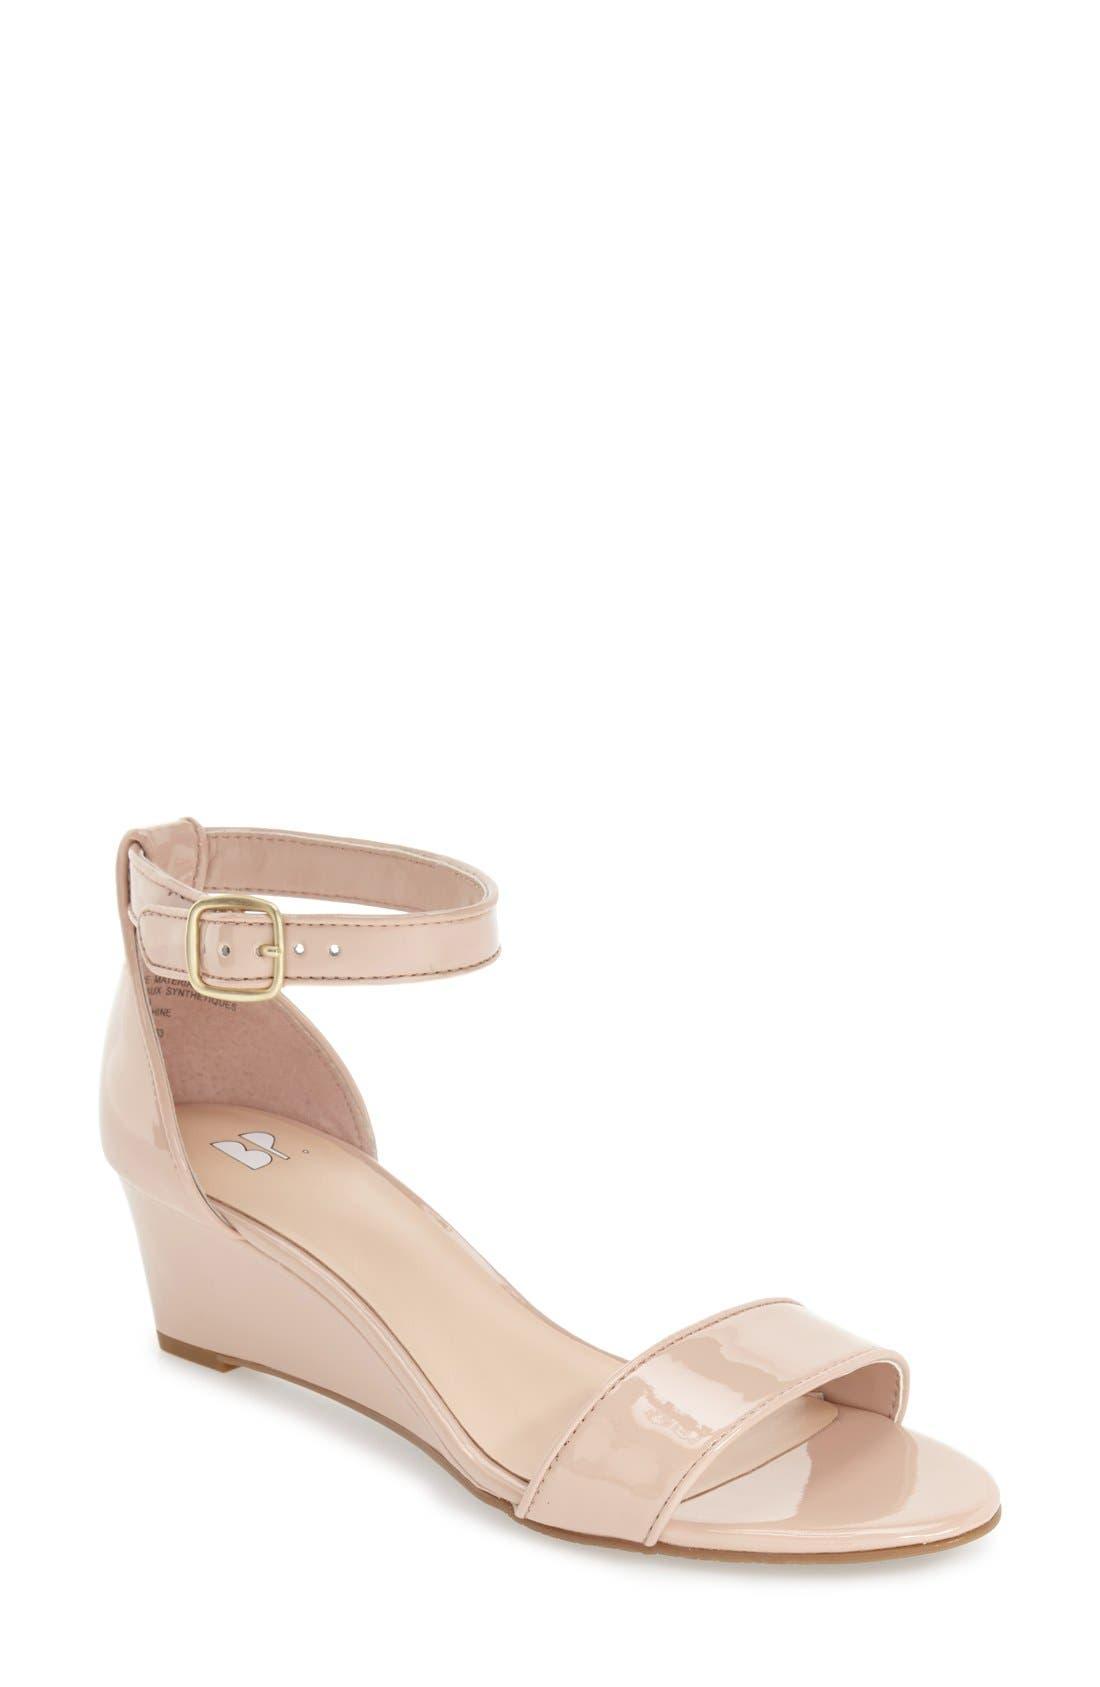 Alternate Image 1 Selected - BP. 'Roxie' Wedge Sandal (Women)